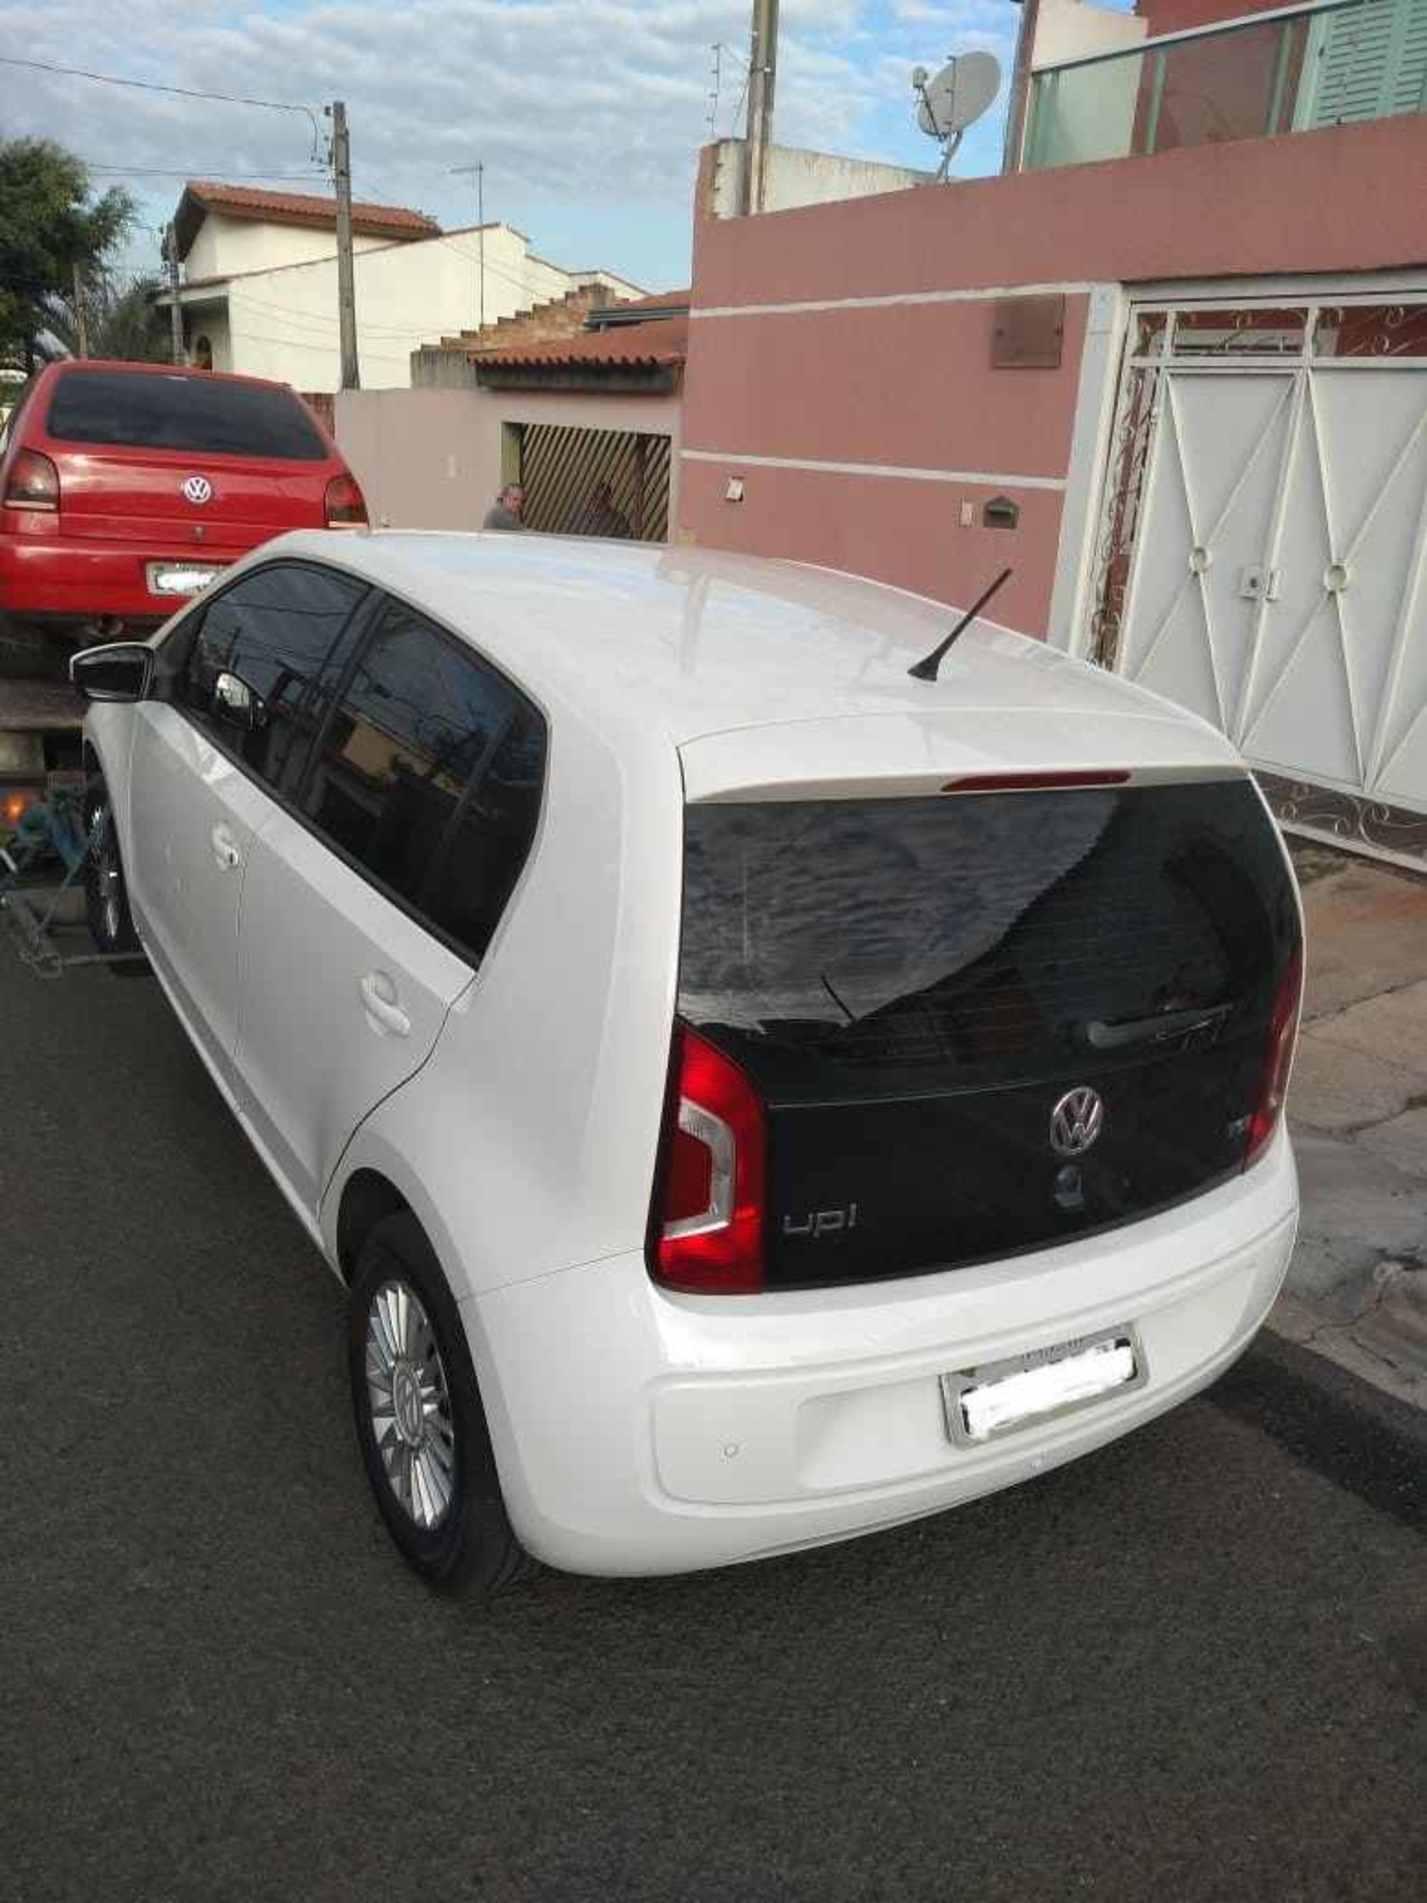 Motorista tentou fugir, mas acabou detido no bairro Wanel Ville V.